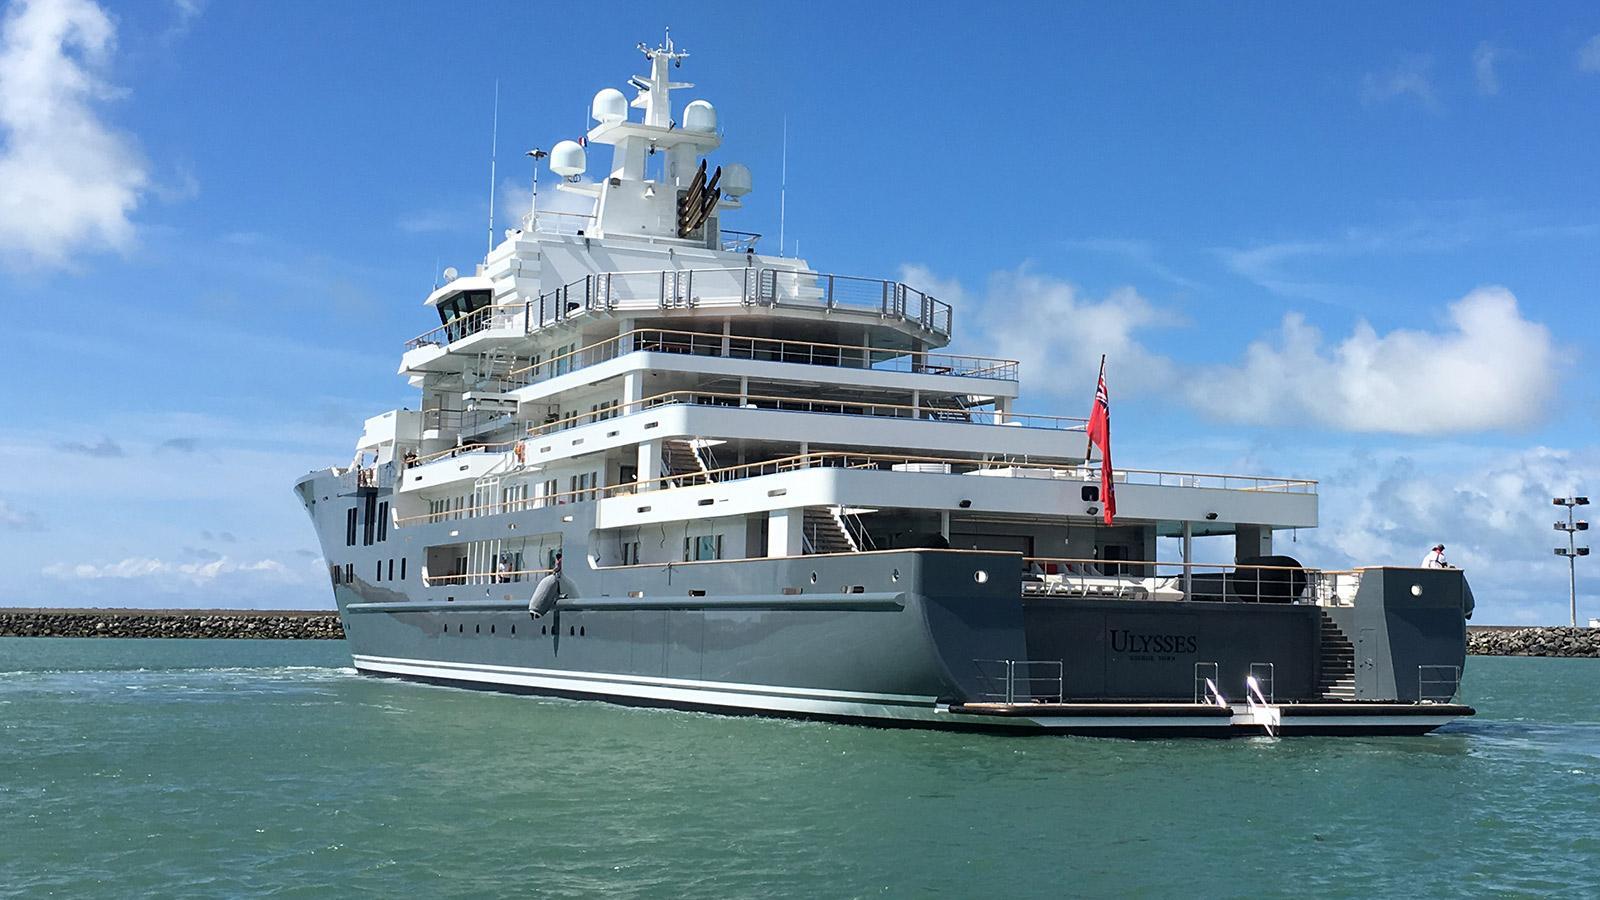 andromeda-ulysses-explorer-yacht-kleven-2015-107m-half-stern-after-refit